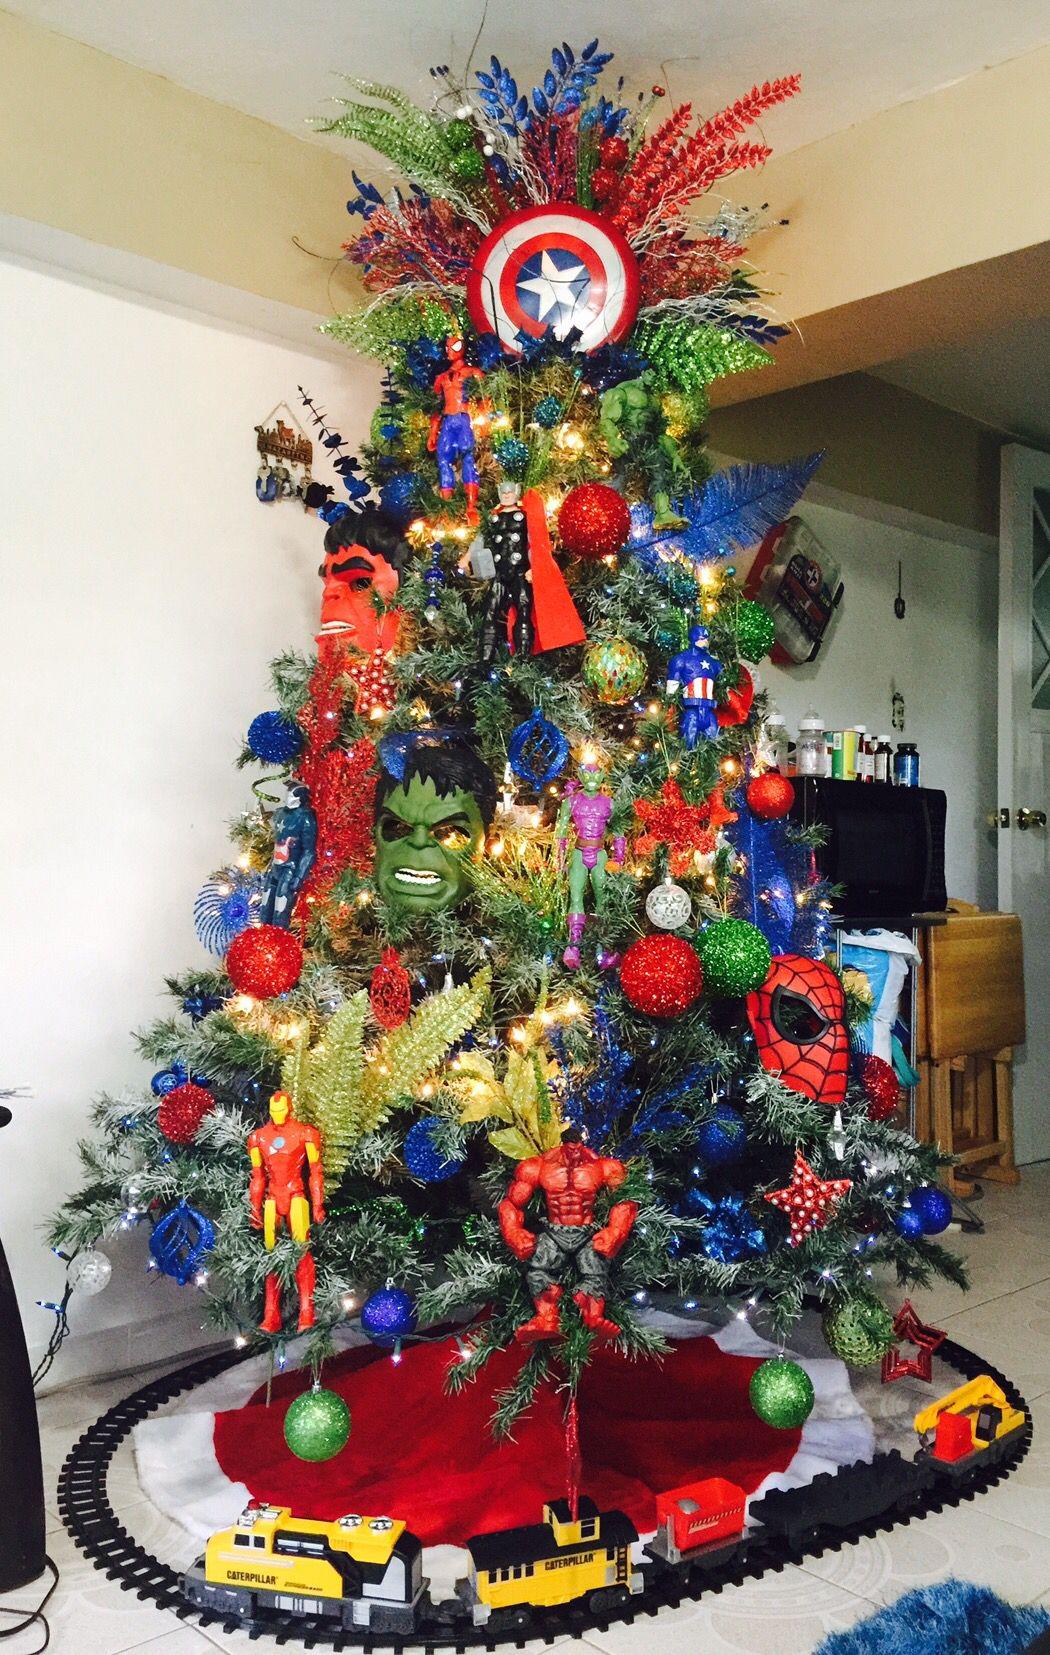 Superhero Christmas Tree Christmas Trees For Kids Creative Christmas Trees Christmas Tree Themes